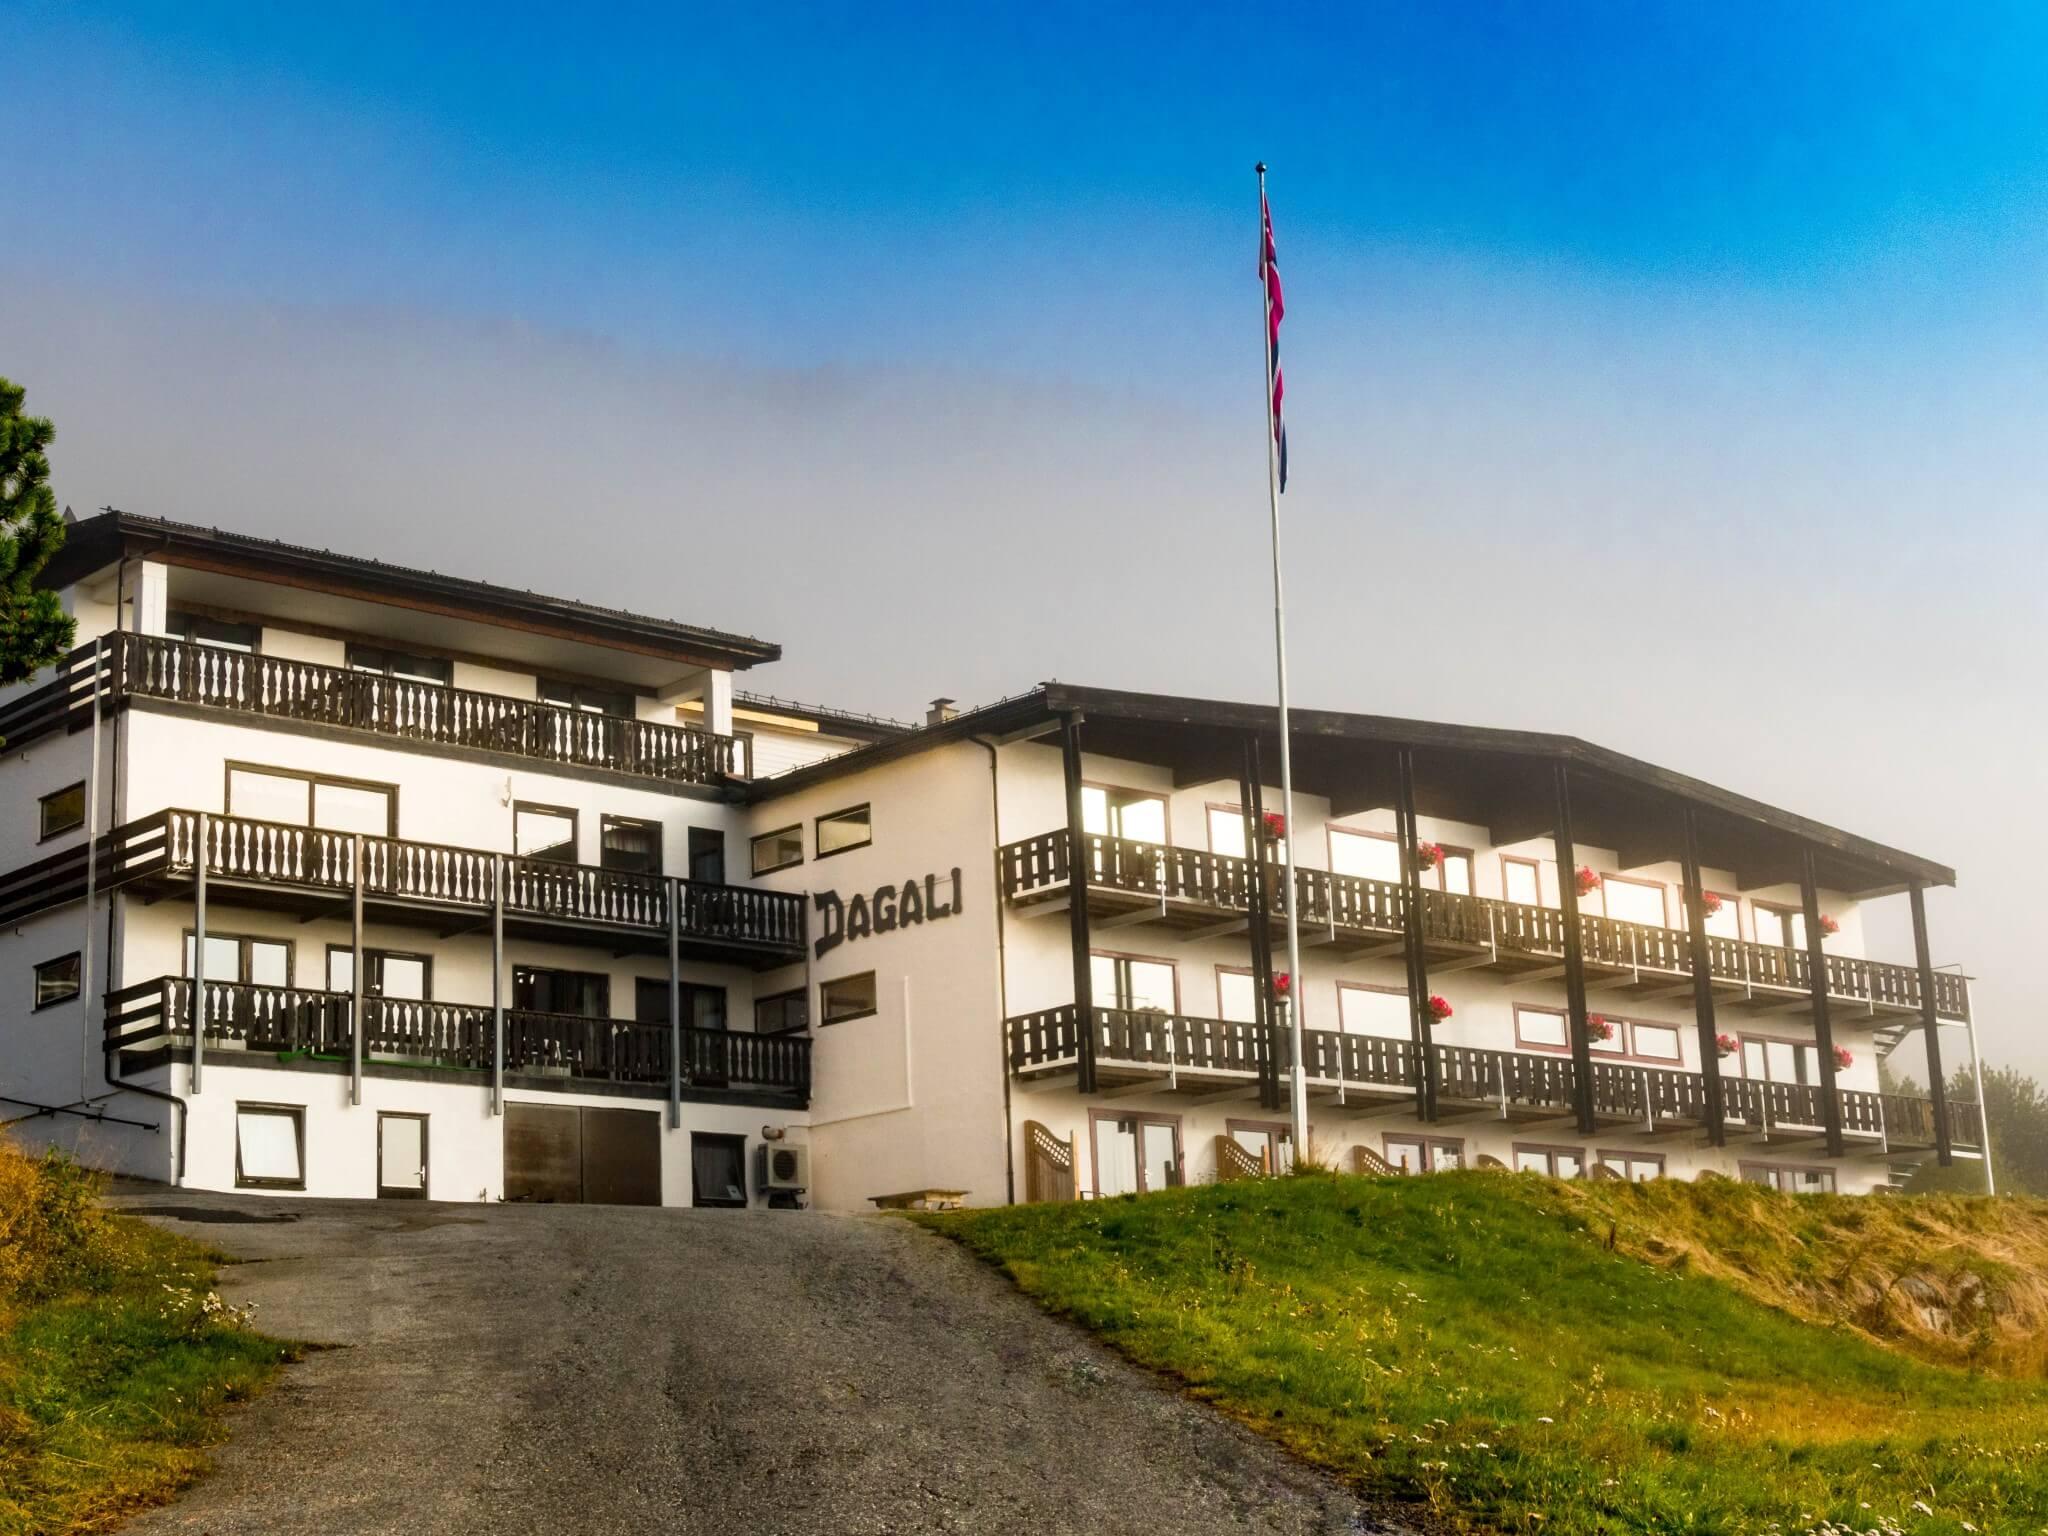 Kontakt oss Dagali Hotel